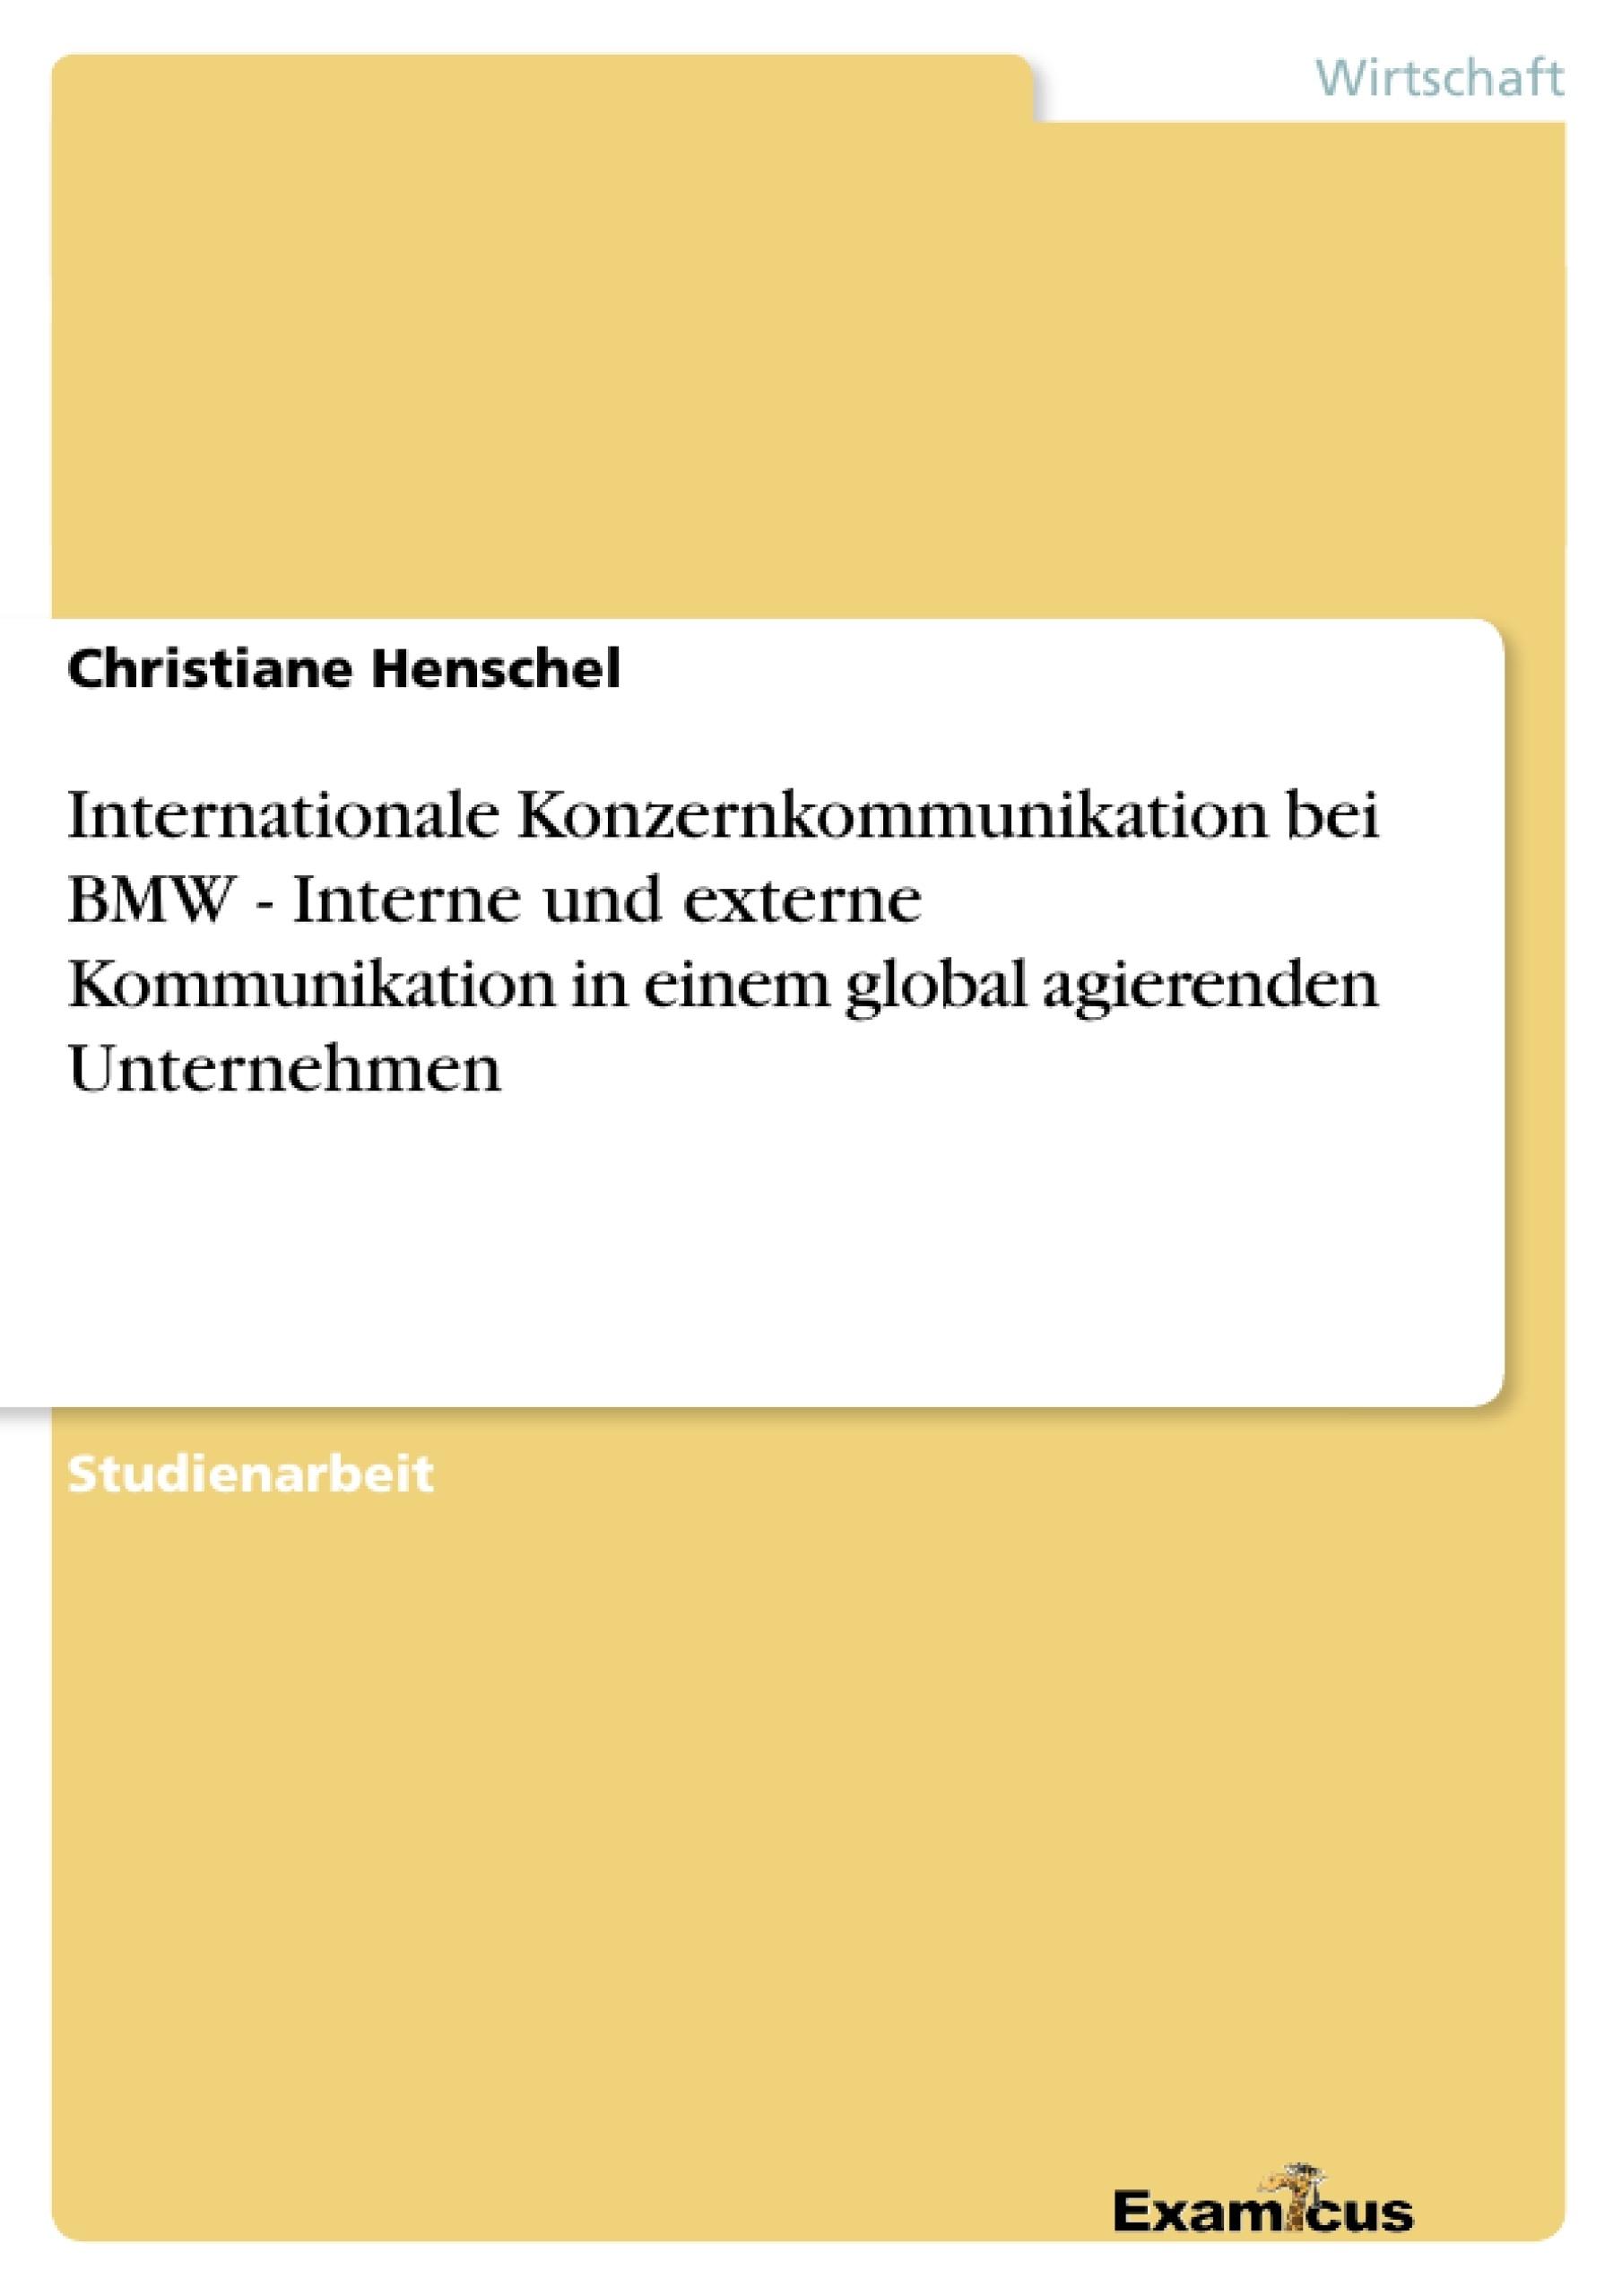 Titel: Internationale Konzernkommunikation bei BMW - Interne und externe Kommunikation in einem global agierenden Unternehmen